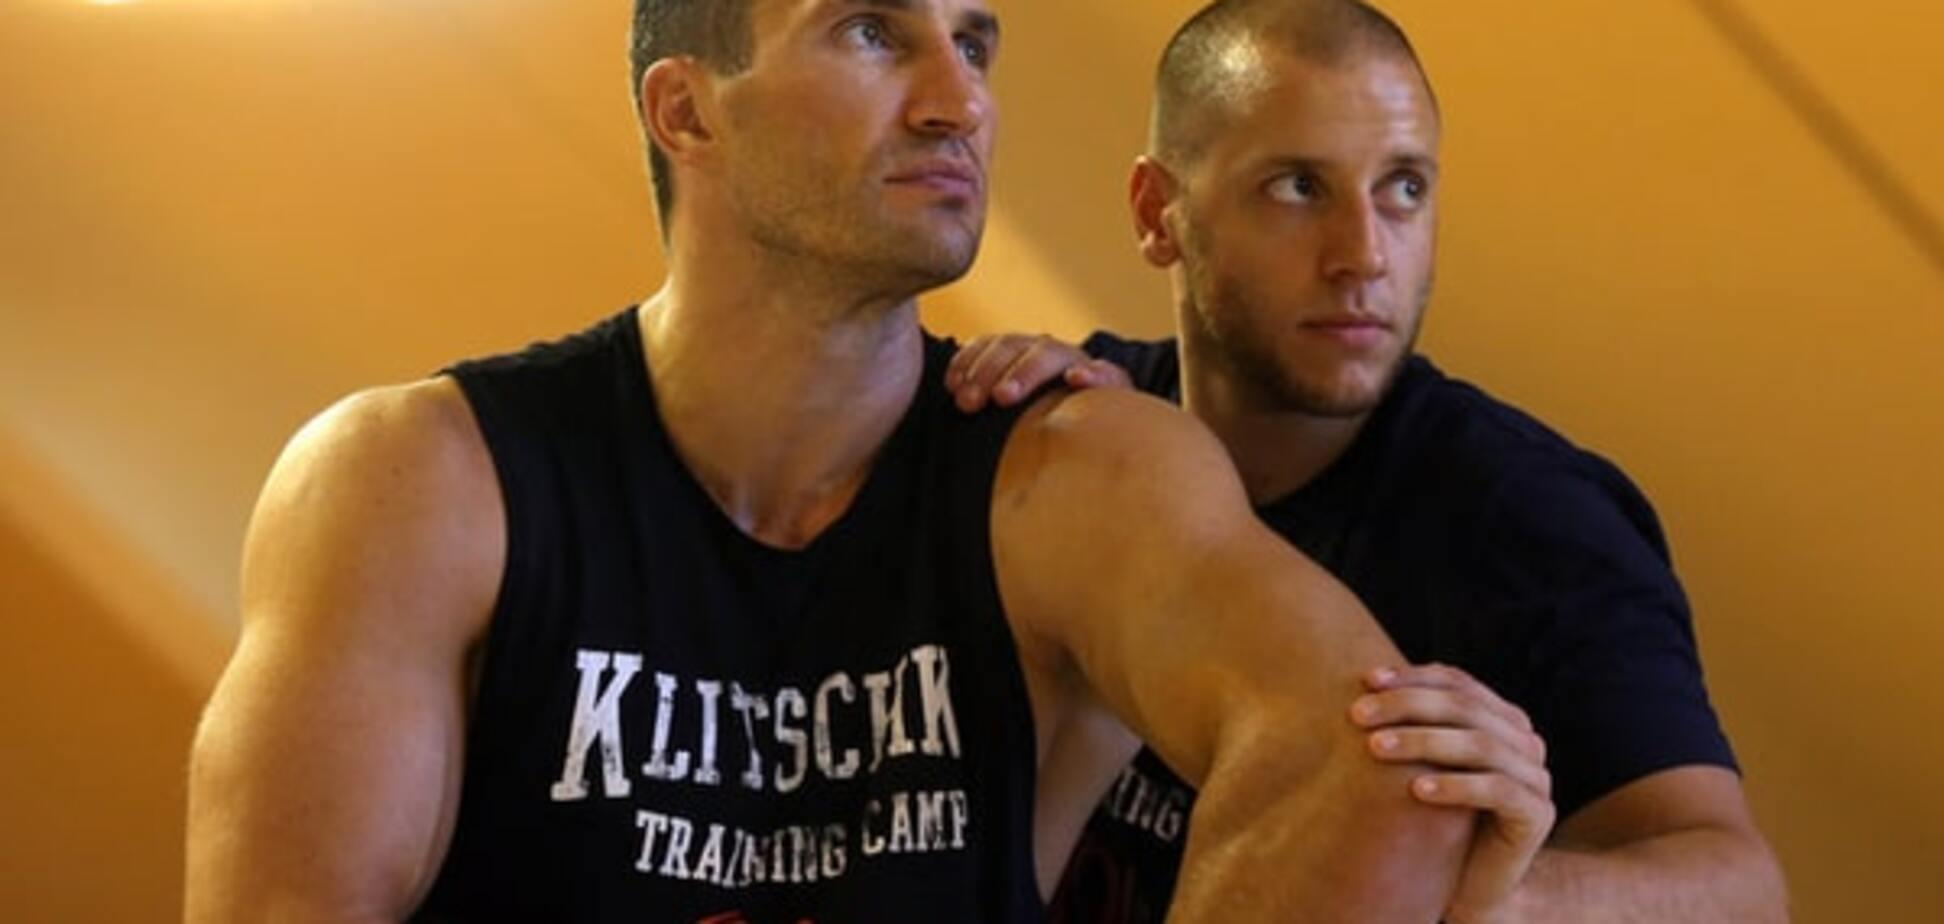 СМИ раскрыли секреты подготовки Кличко к бою с Тайсоном: фоторепортаж